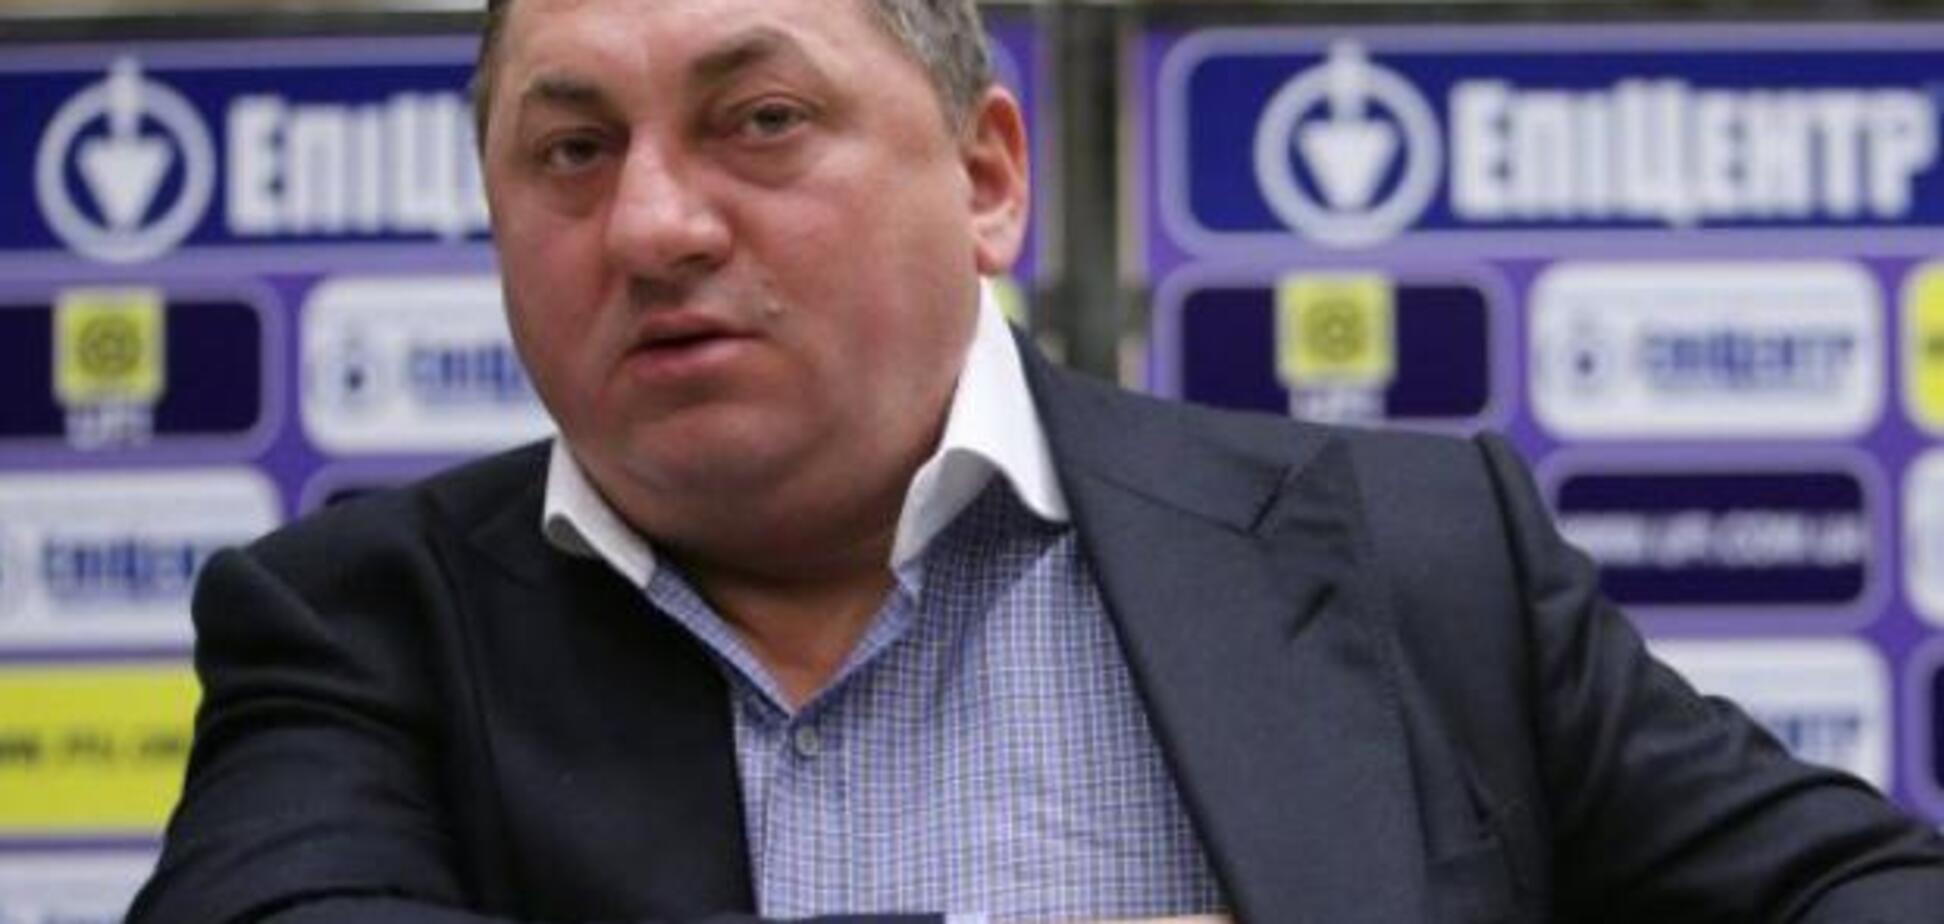 Резонансне розслідування про бізнес Гереги: у нардепа знайшли компанію у Криму